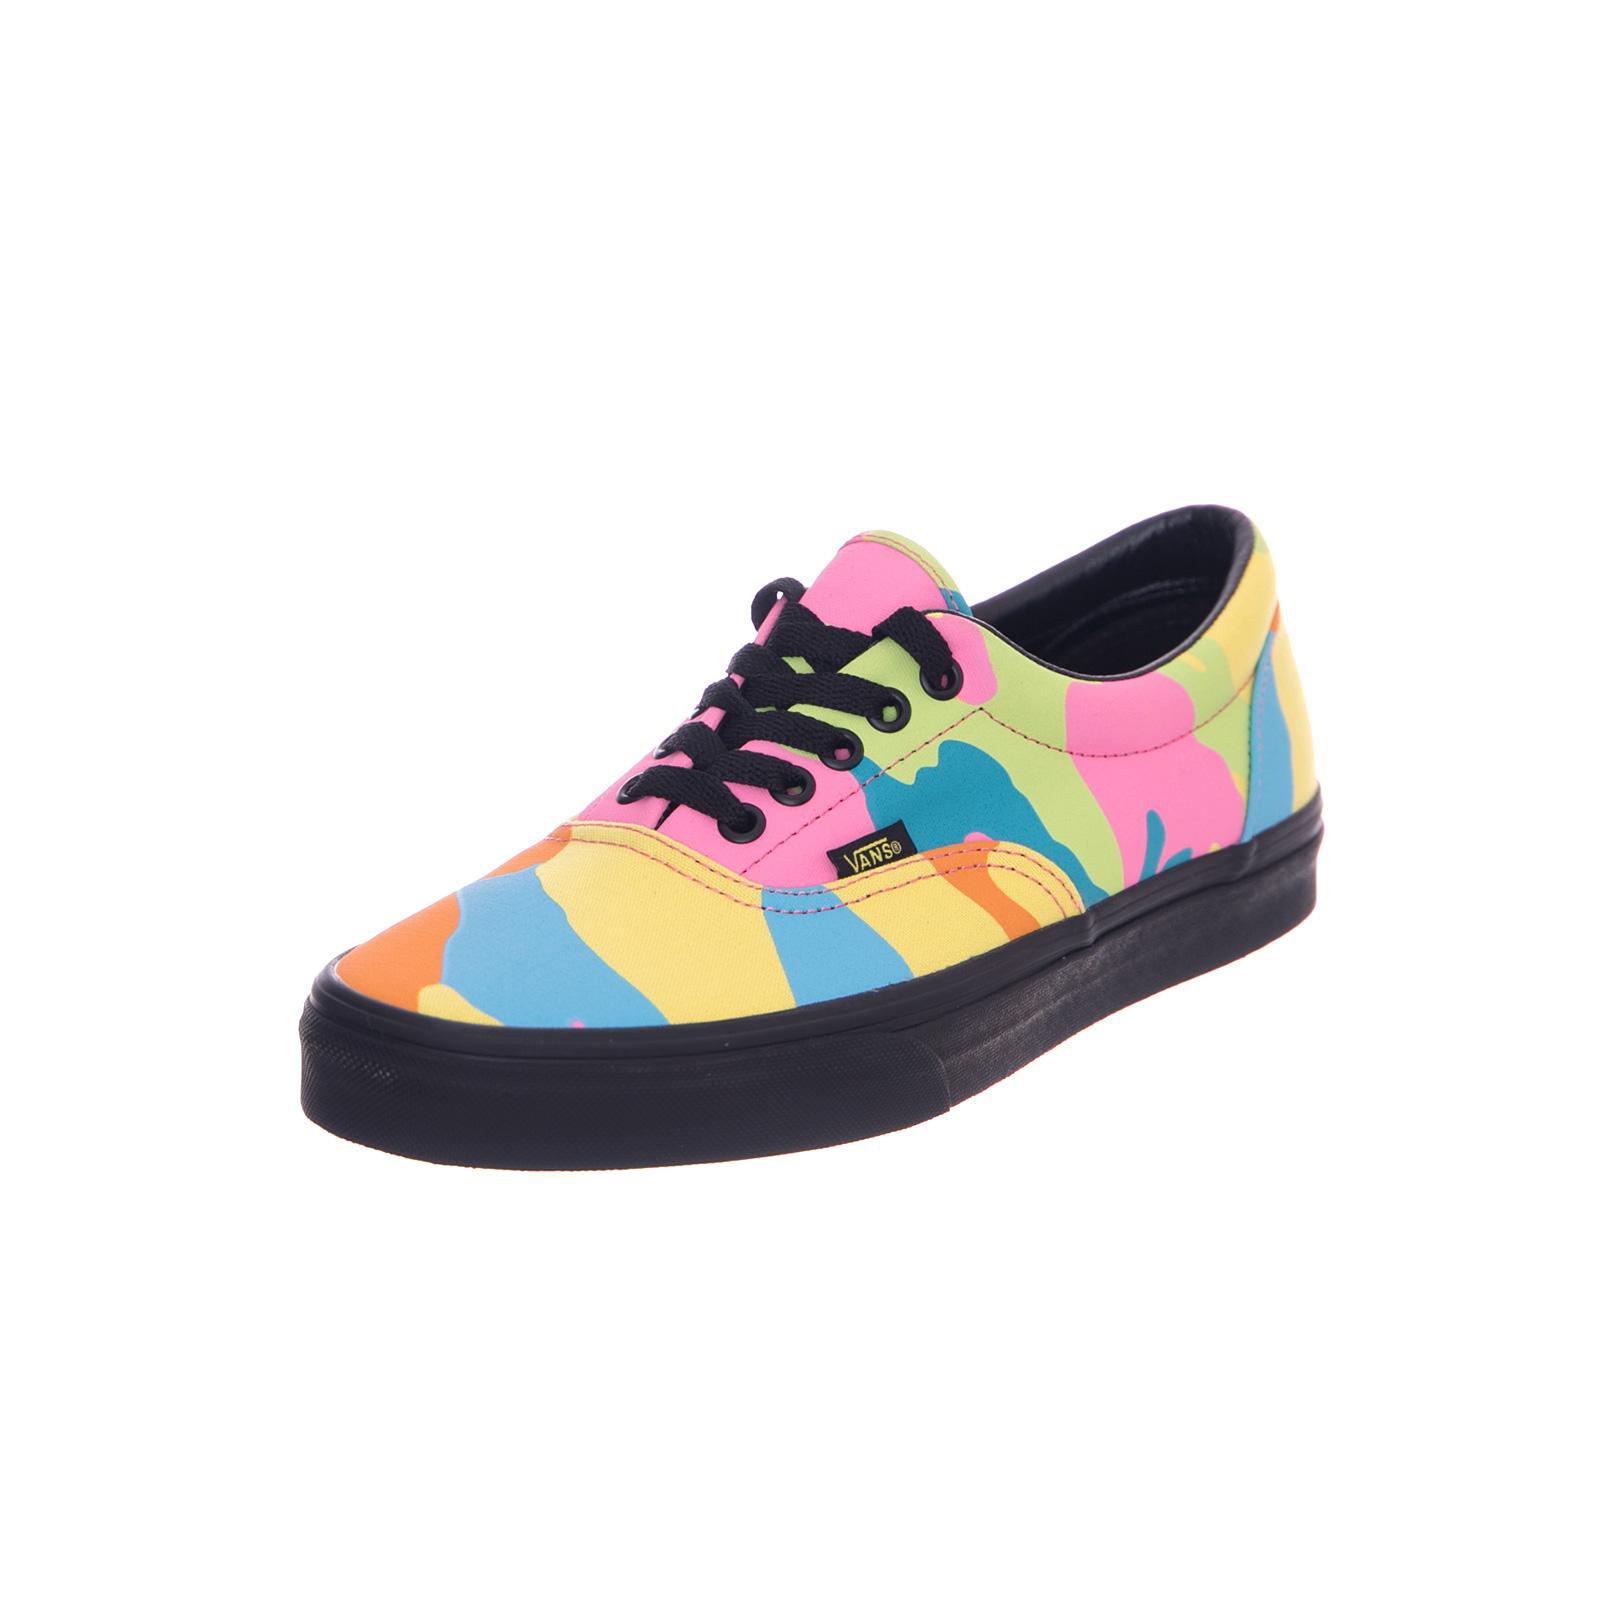 88093efbcab377 Vans Sneakers Ua Era Neon Camo Multicolor